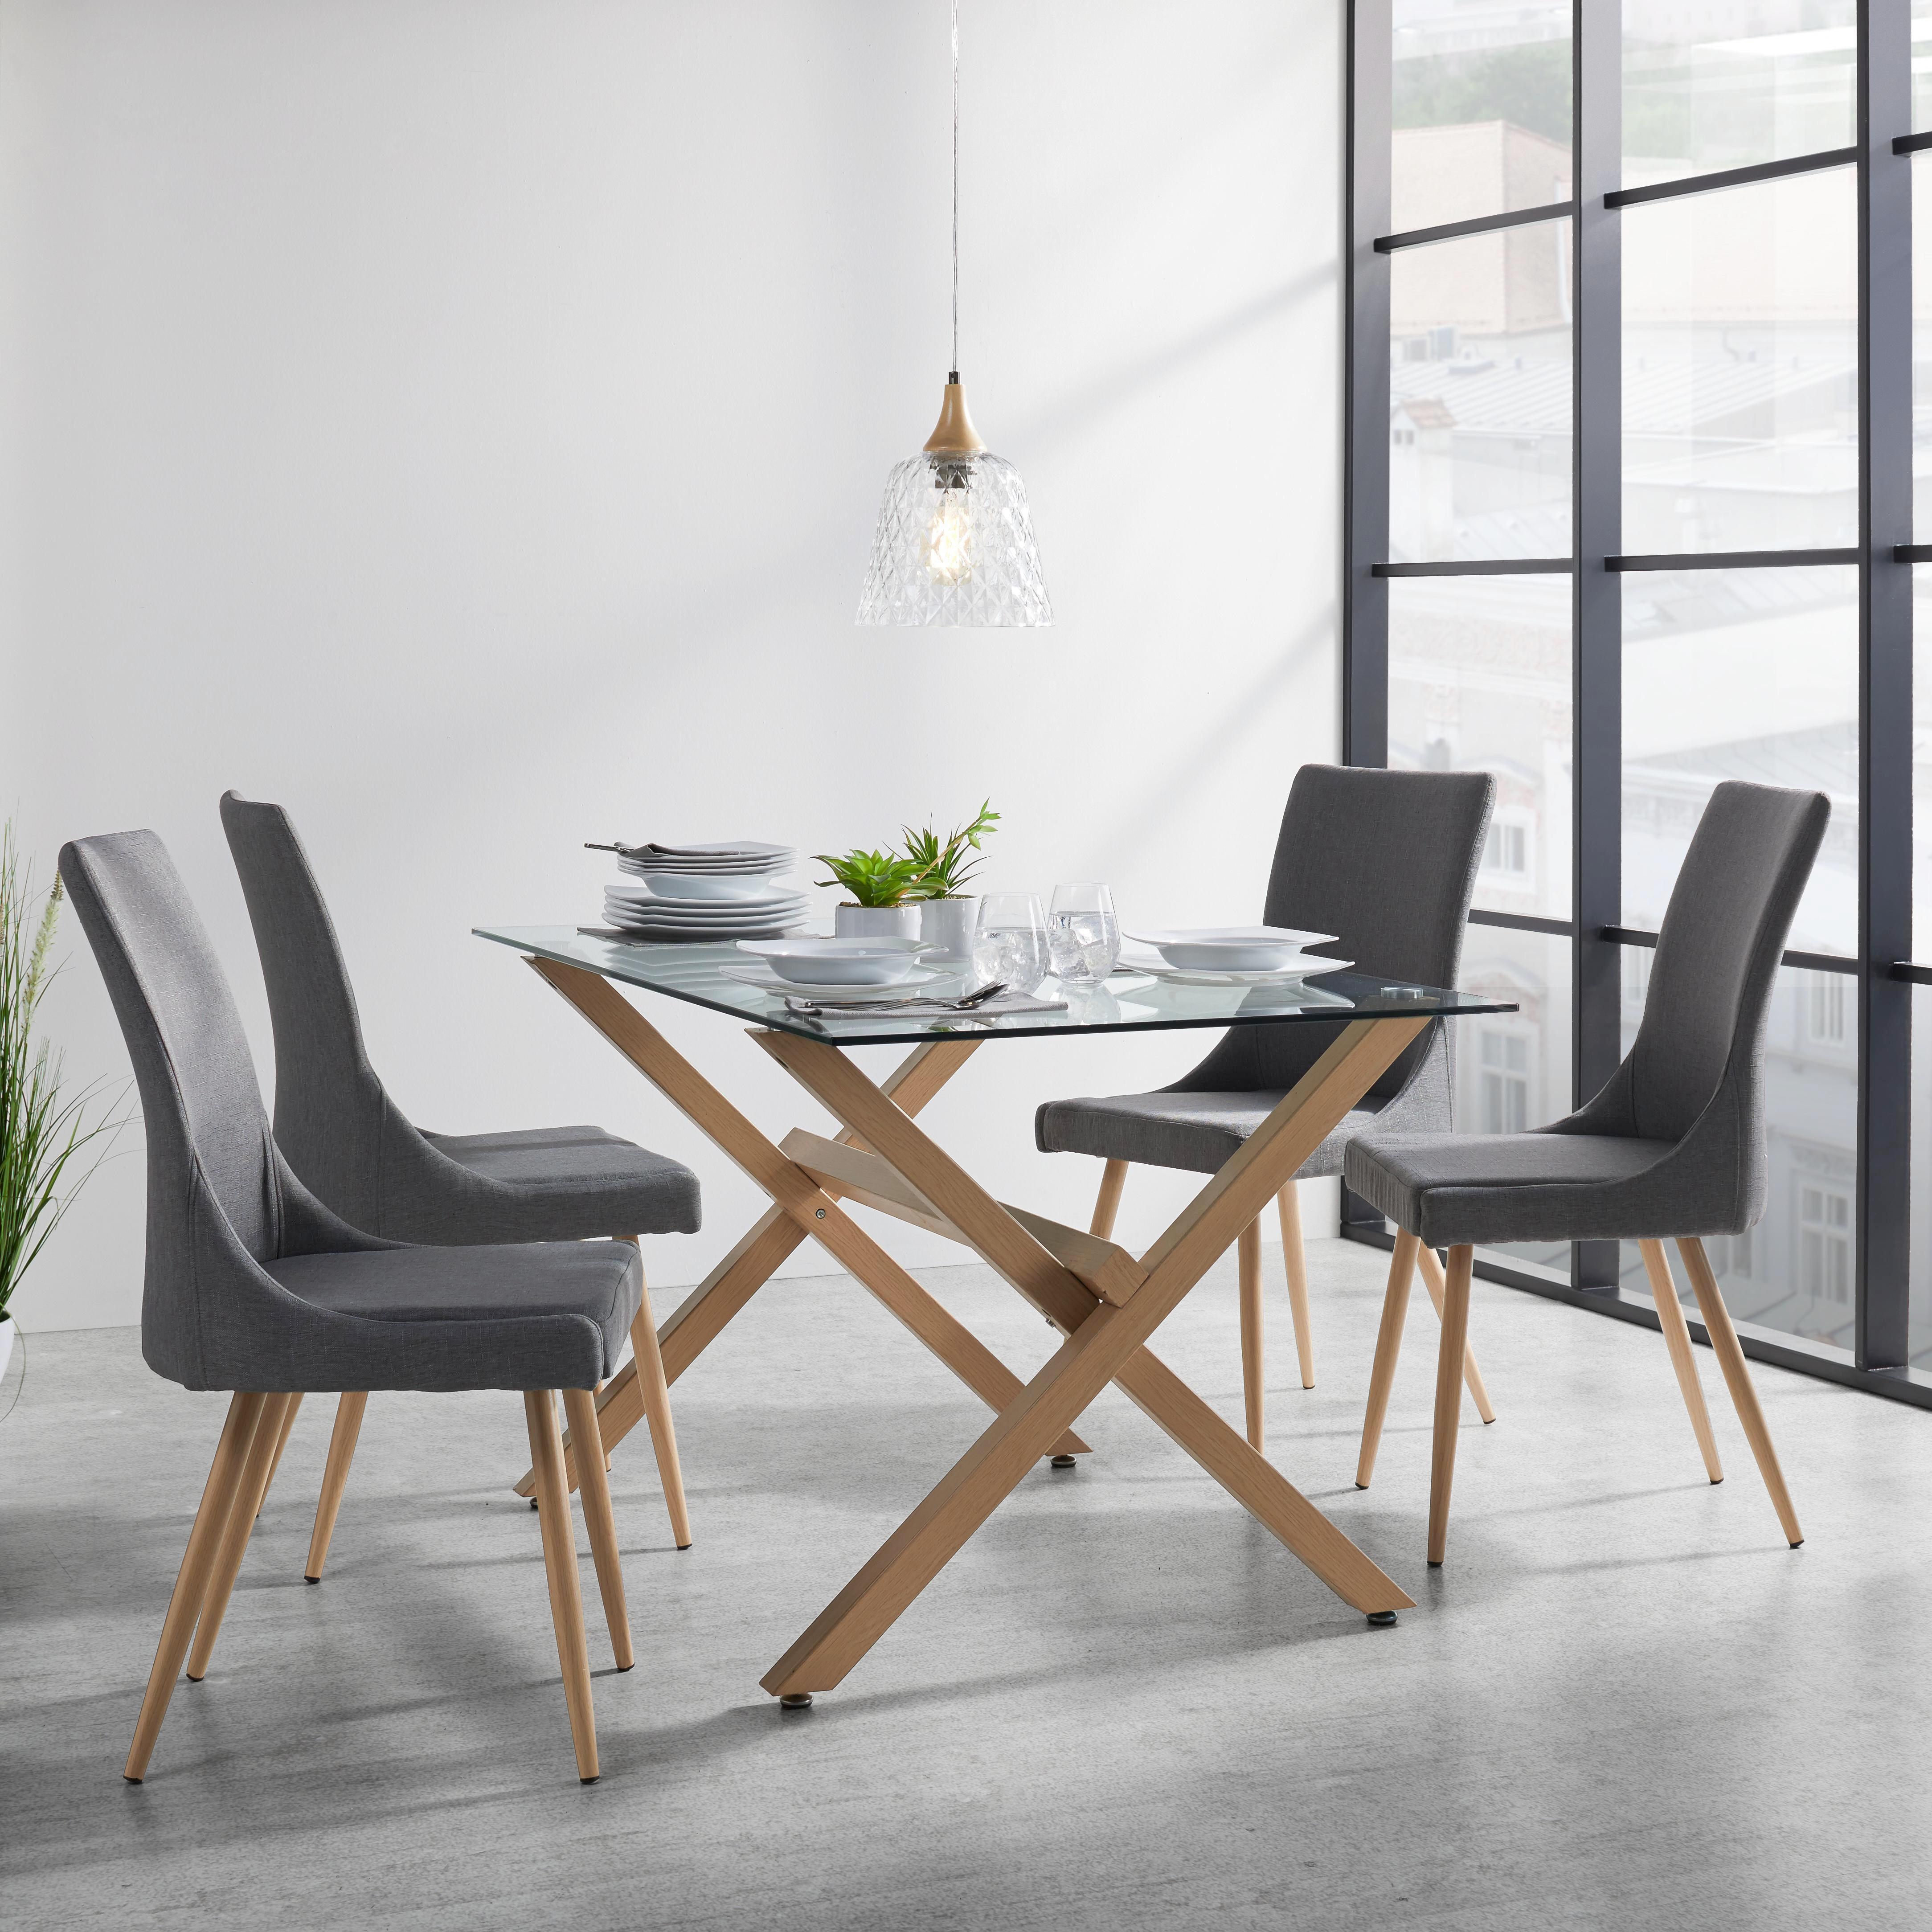 esstisch rund modern esstisch ideen esstisch rund design hd wallpaper bilder genial esstische. Black Bedroom Furniture Sets. Home Design Ideas